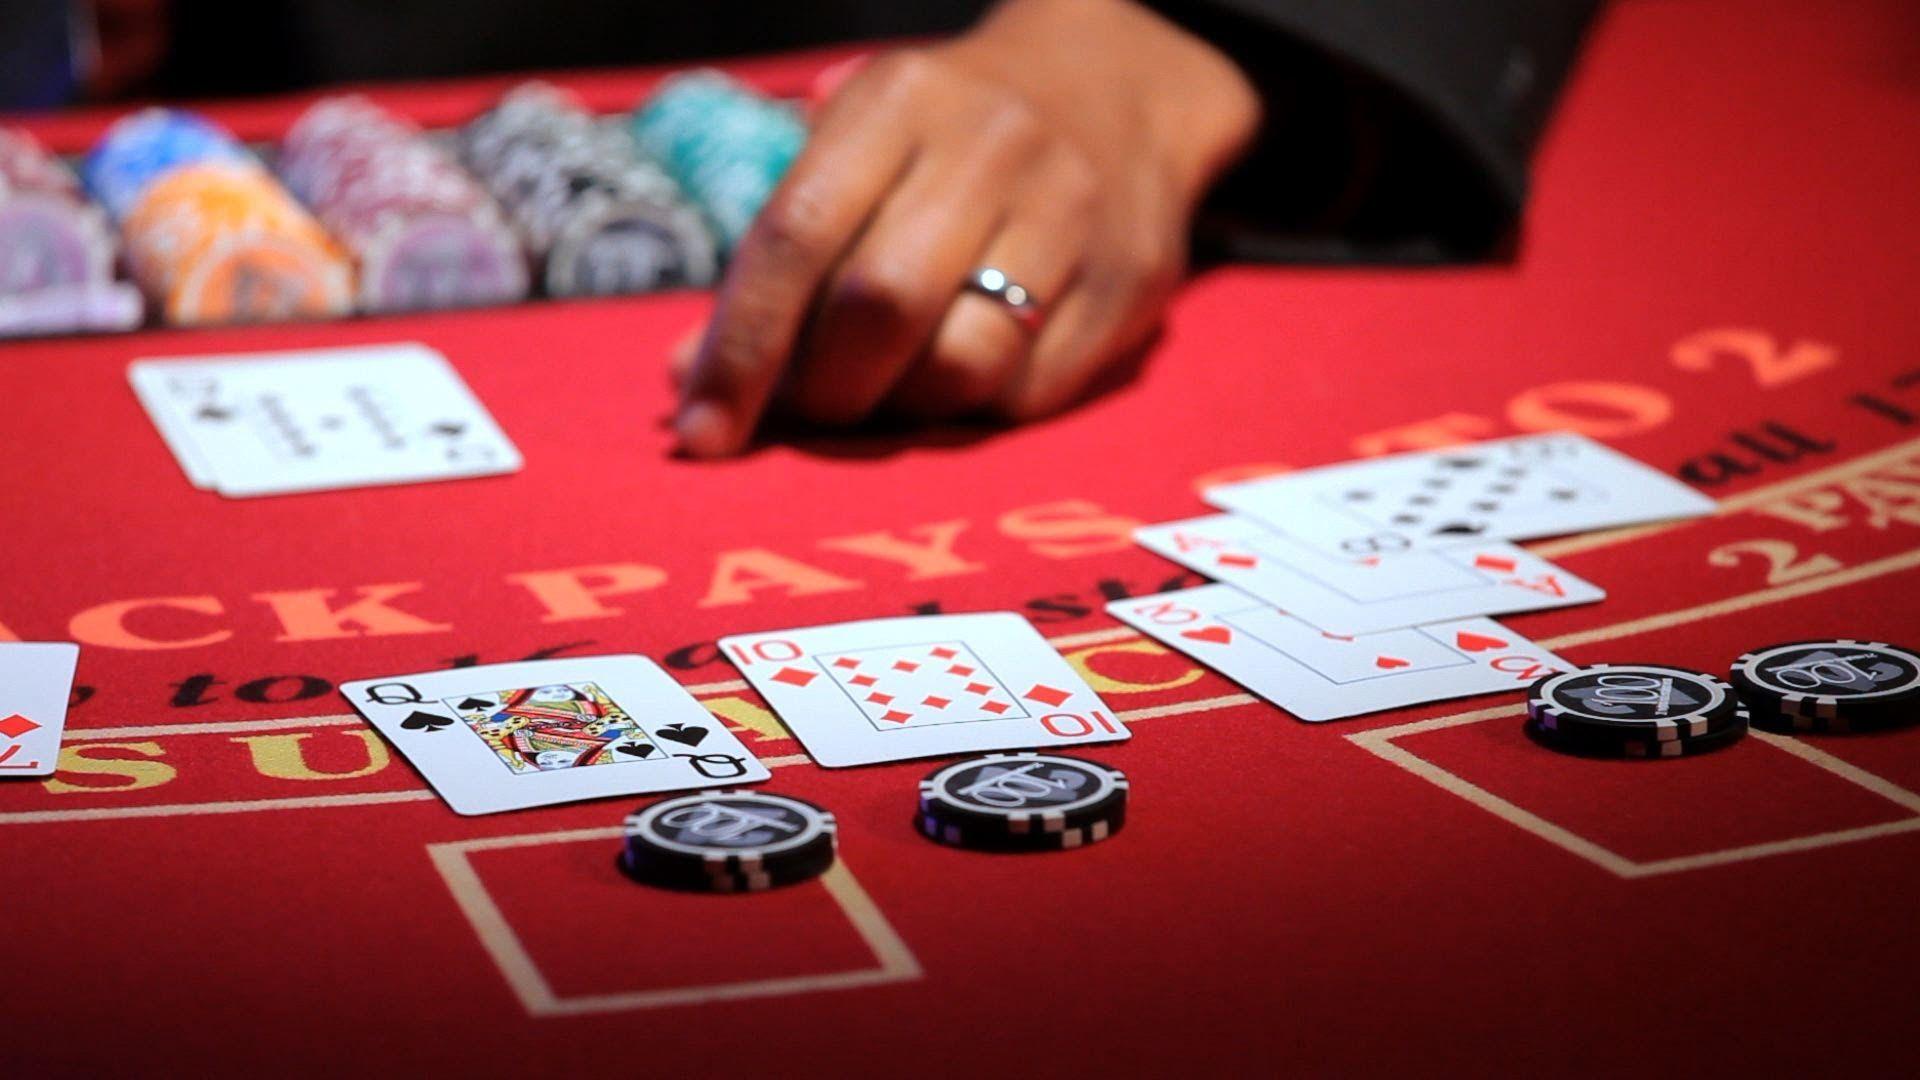 casino casino game online poker winner yourbestonlinecasino.com